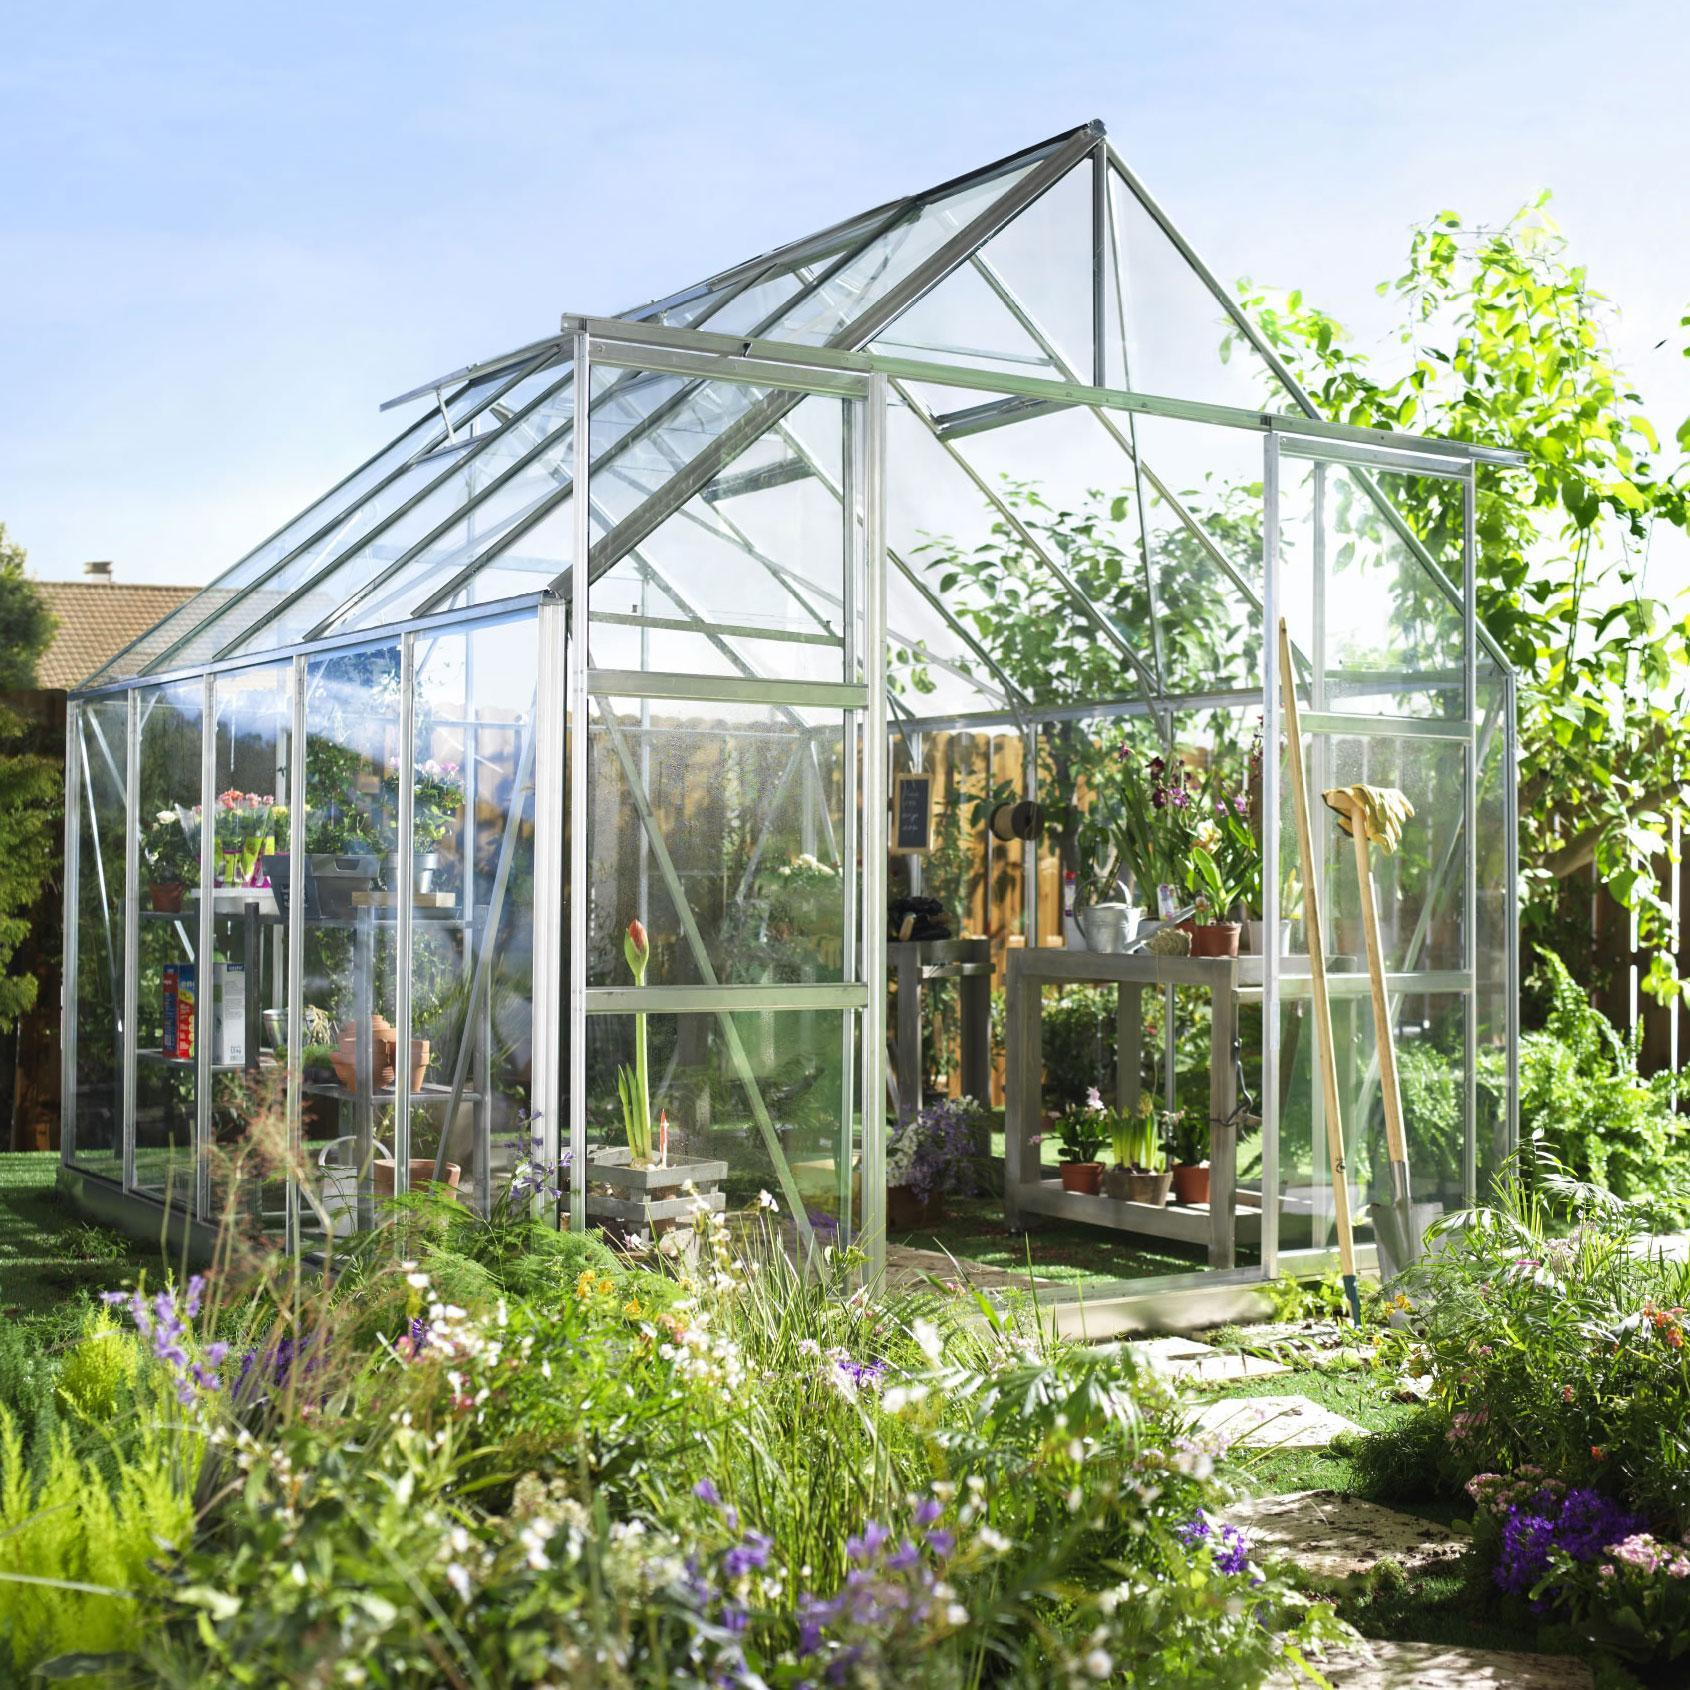 Serre Verre Promo - Veranda Et Abri Jardin intérieur Promo Serre De Jardin En Verre